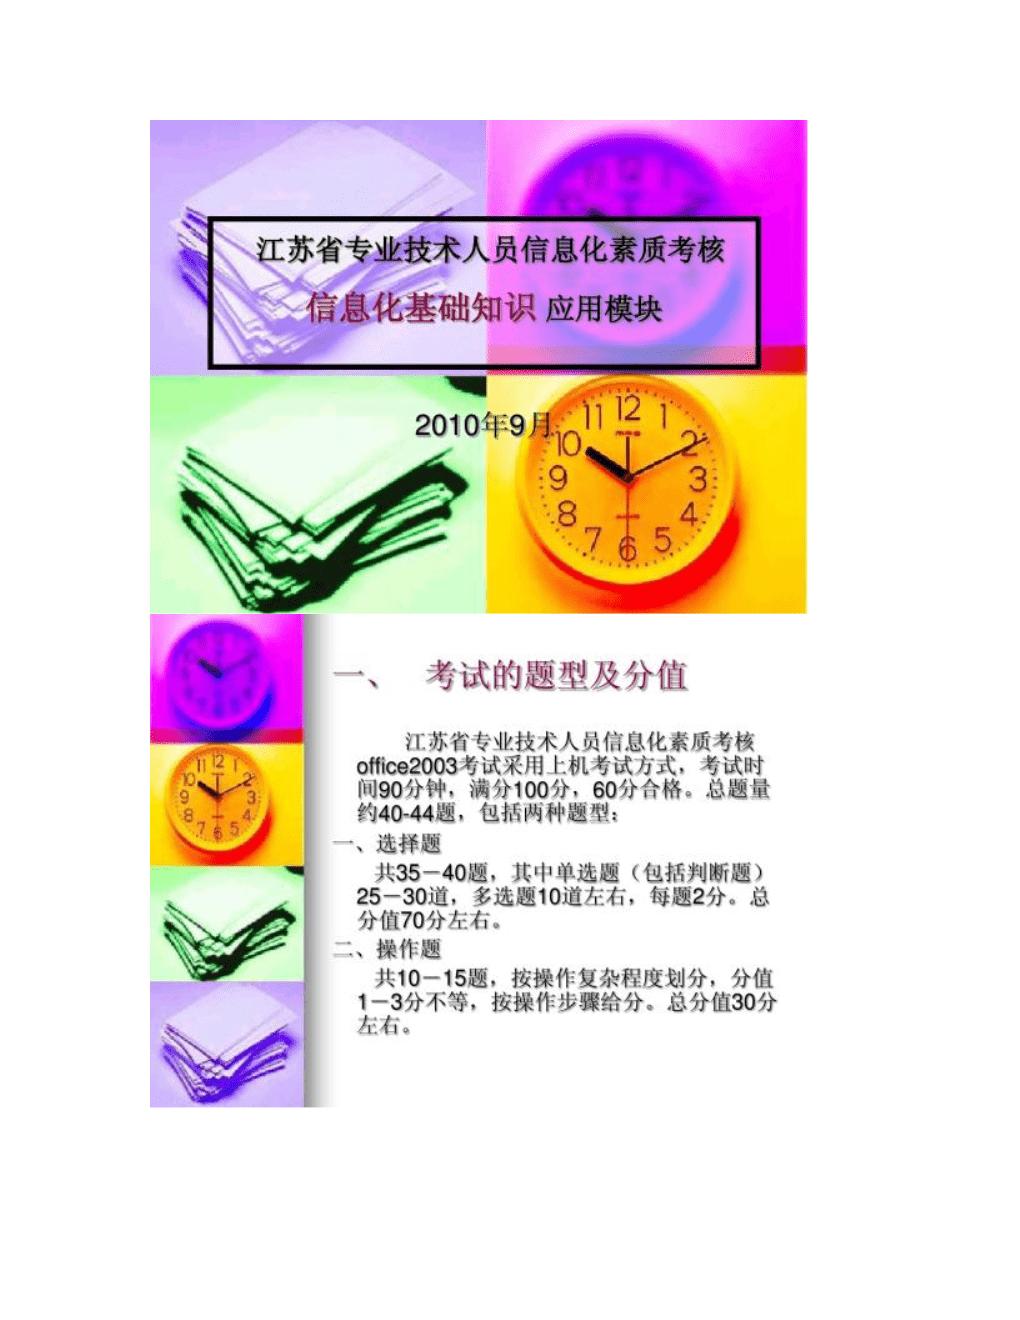 【图文】江苏职称计算机方向cad.doc